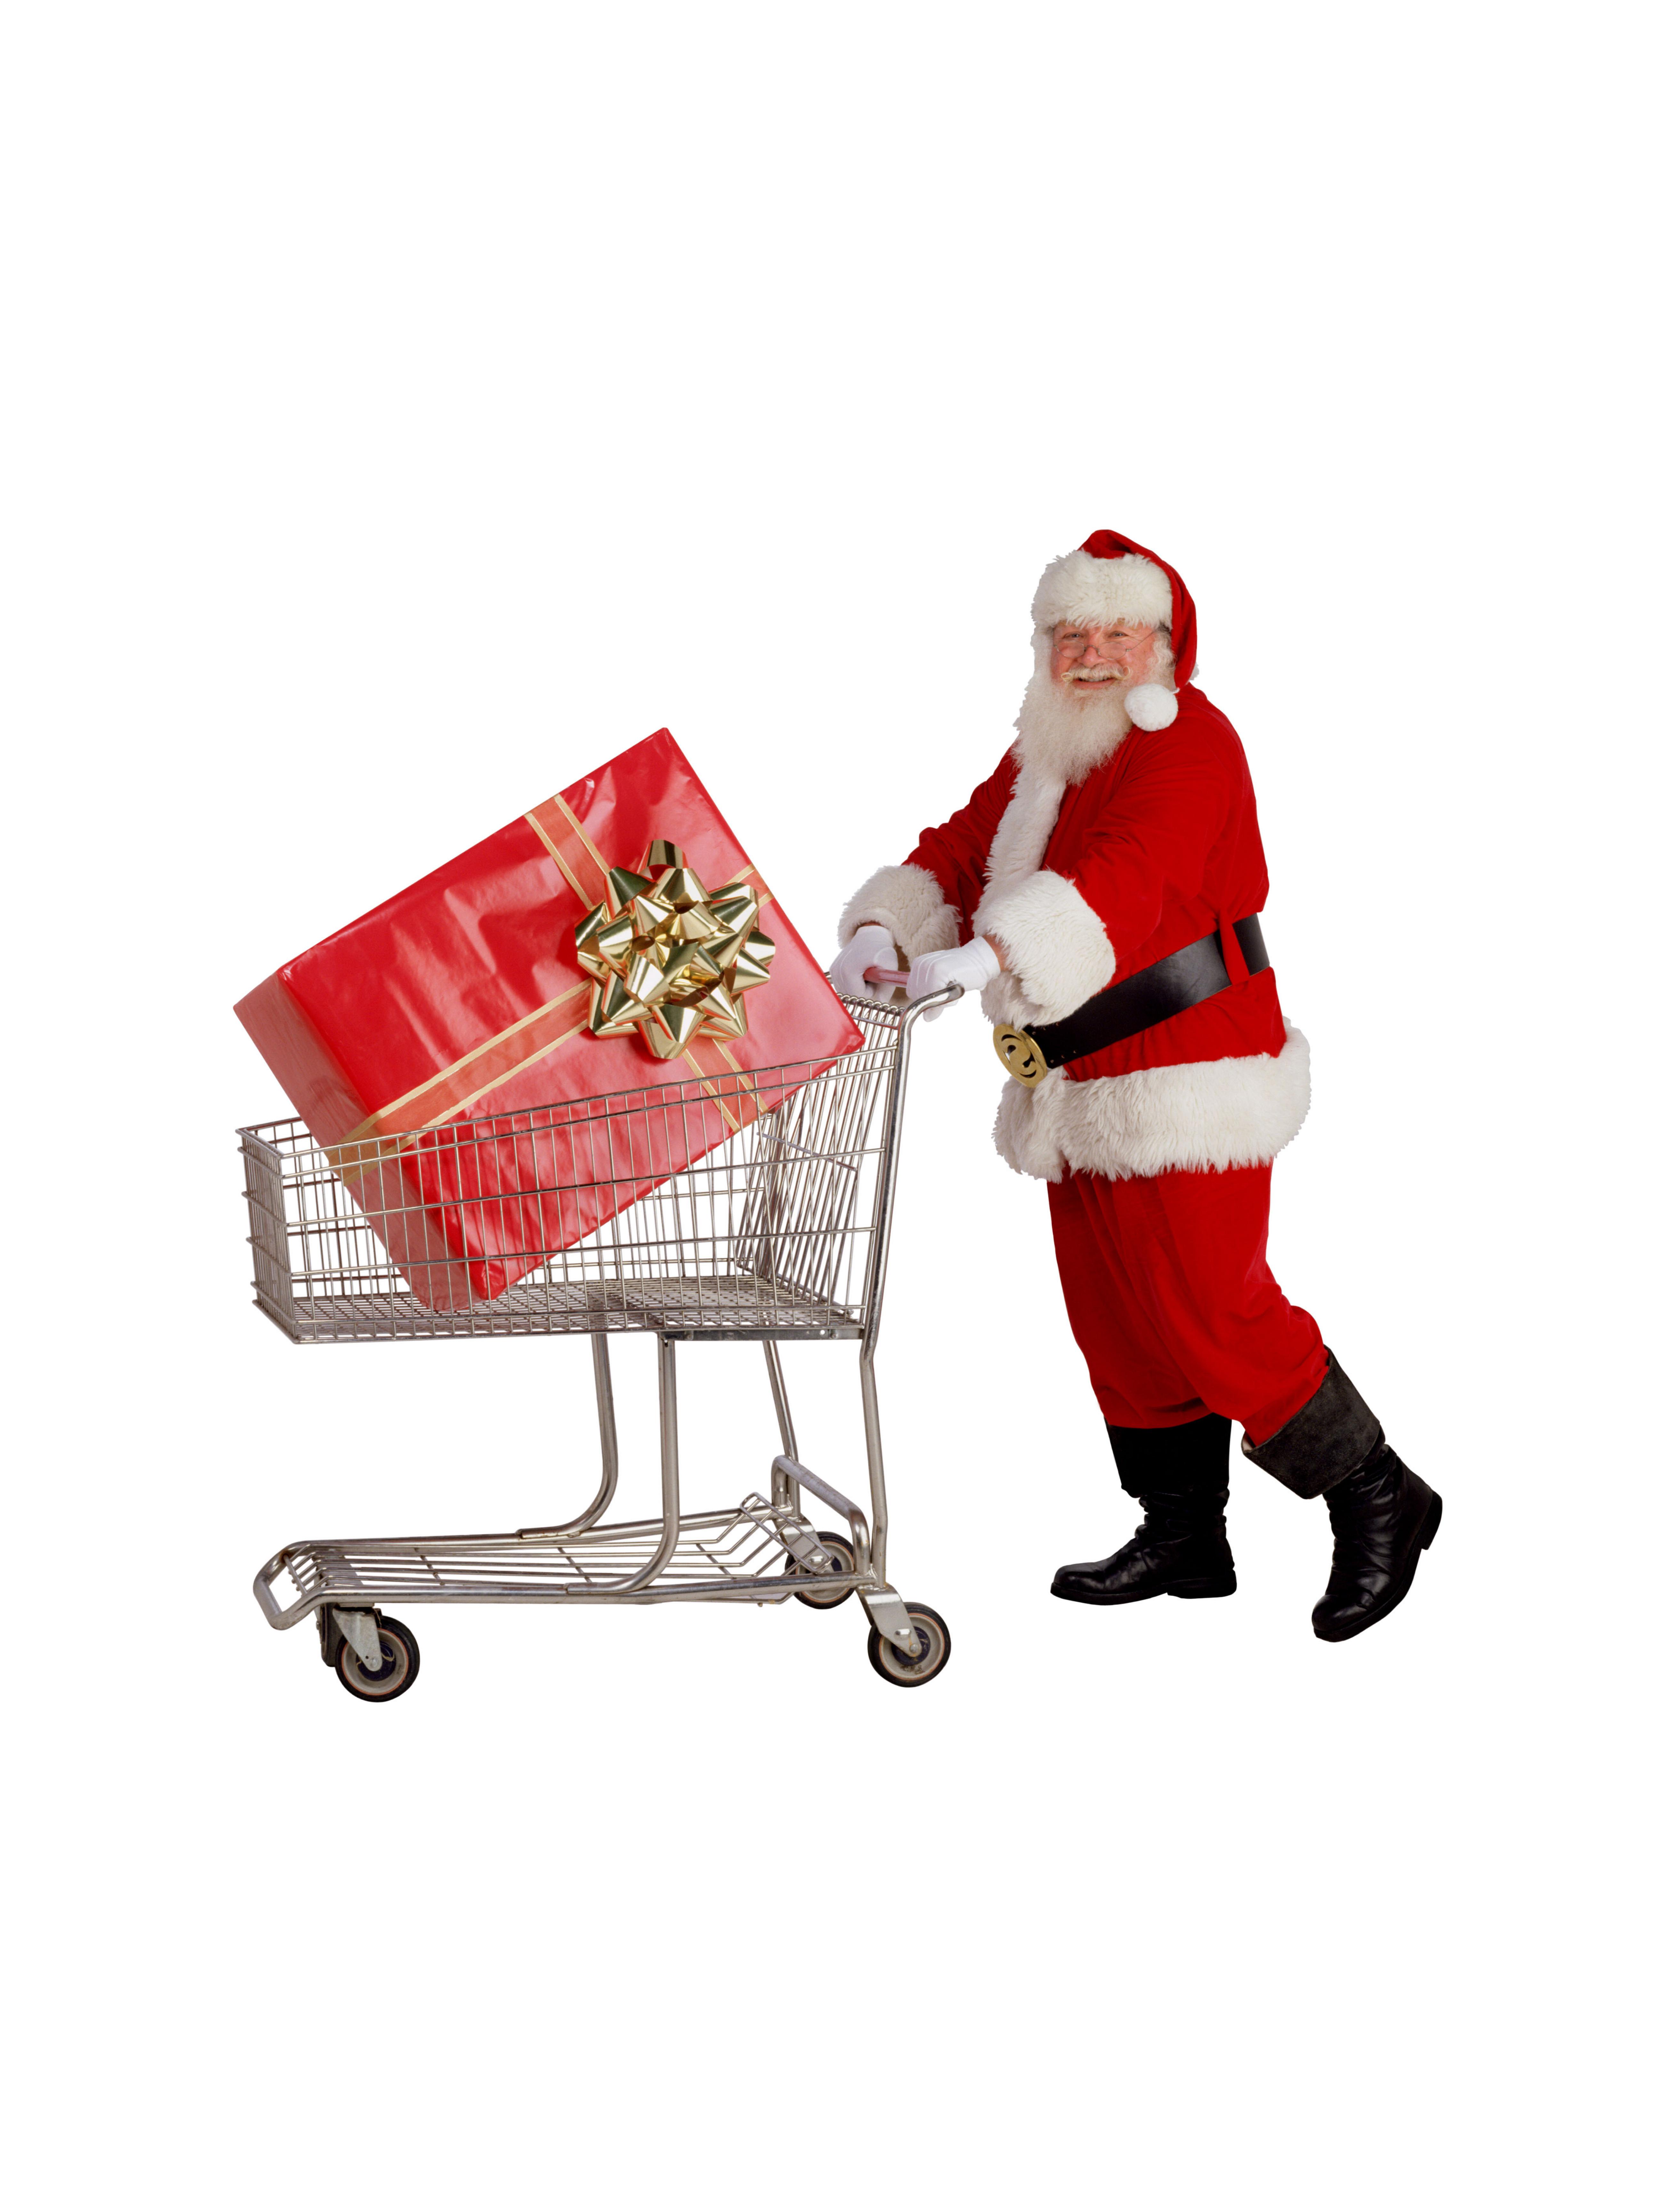 Santa pushing a shopping cart.